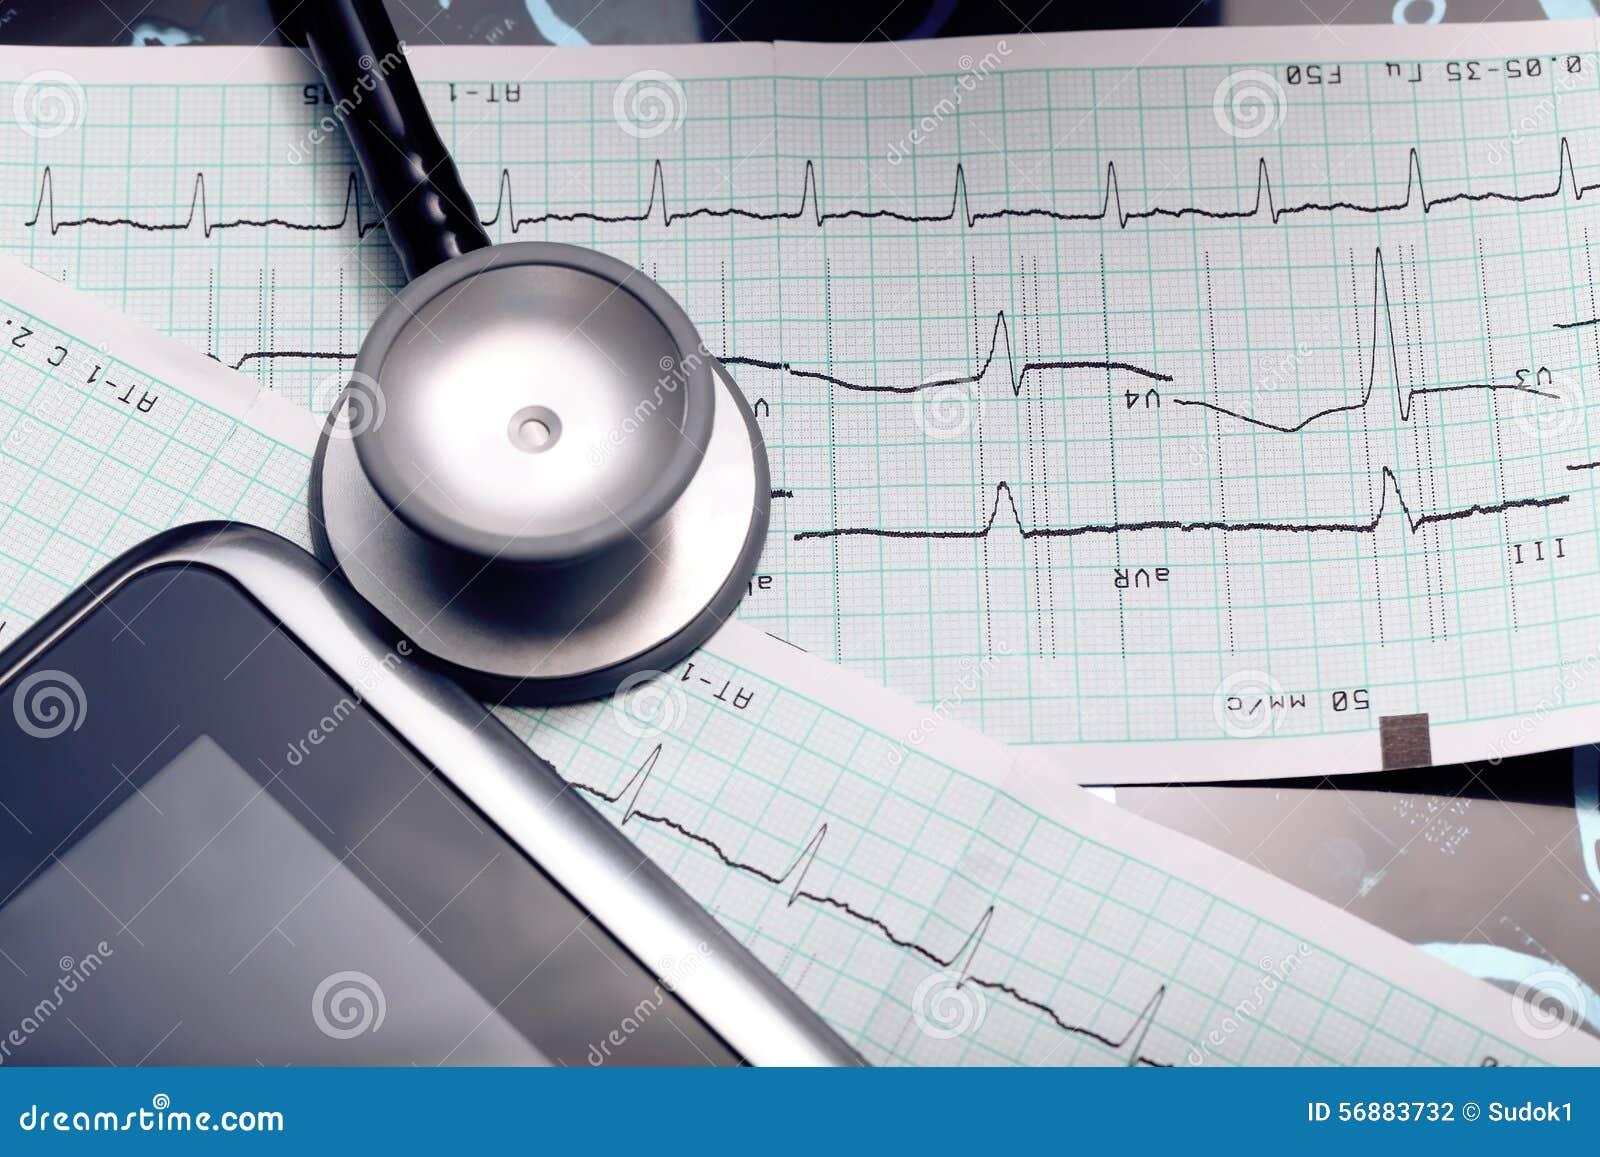 Ιατρικά εργαλεία στο γραφείο του γιατρού